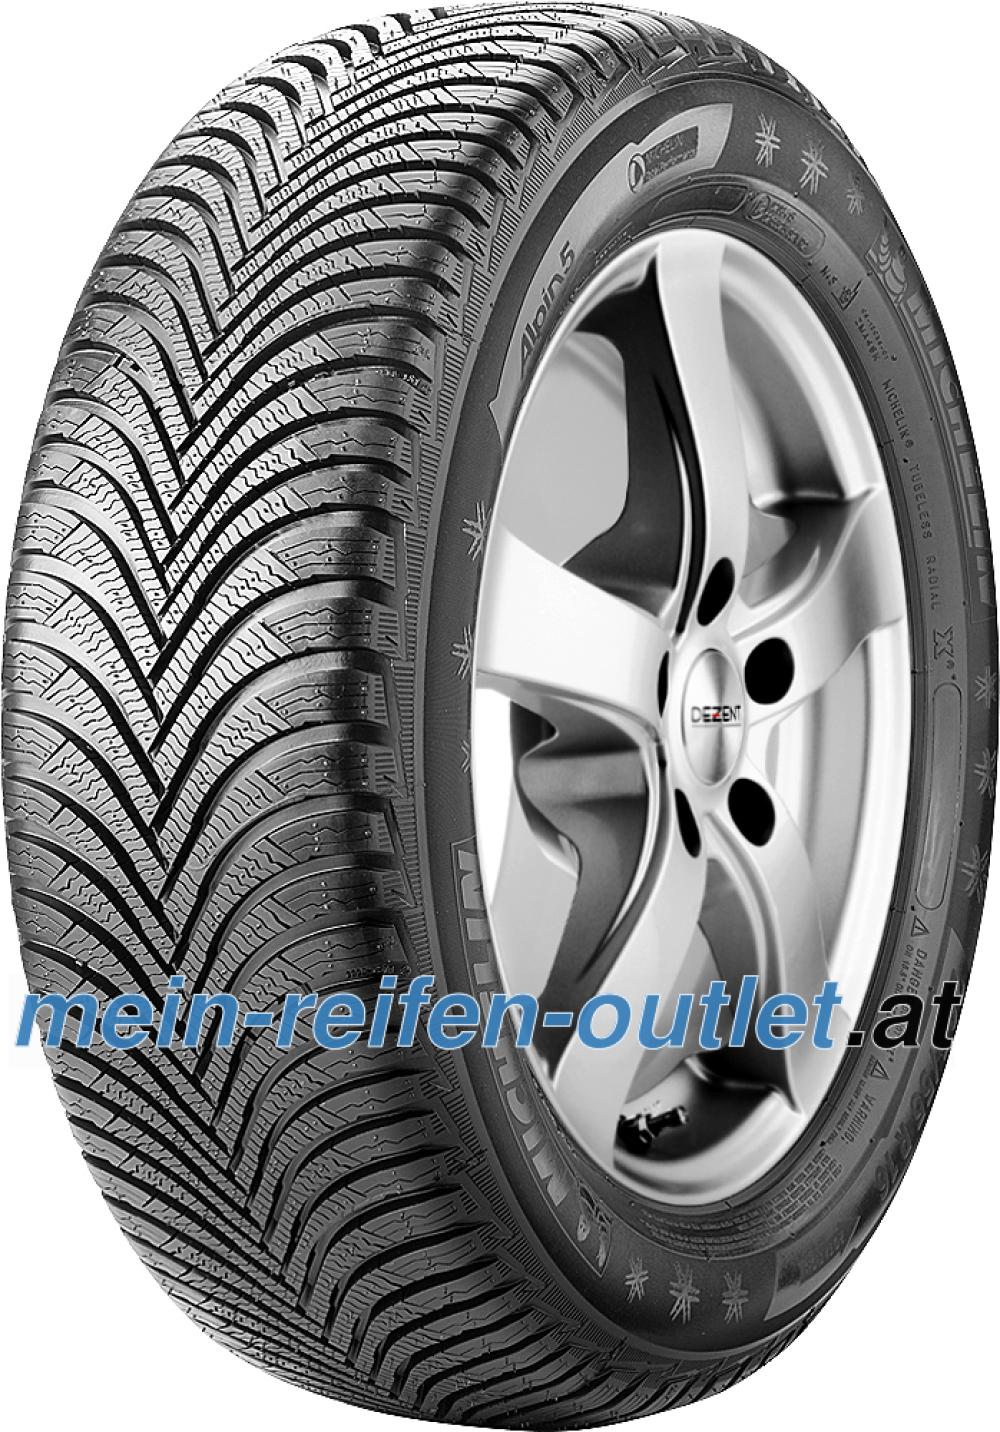 Michelin Alpin 5 ZP ( 225/45 R17 91V , runflat, mit Felgenschutzleiste (FSL) )